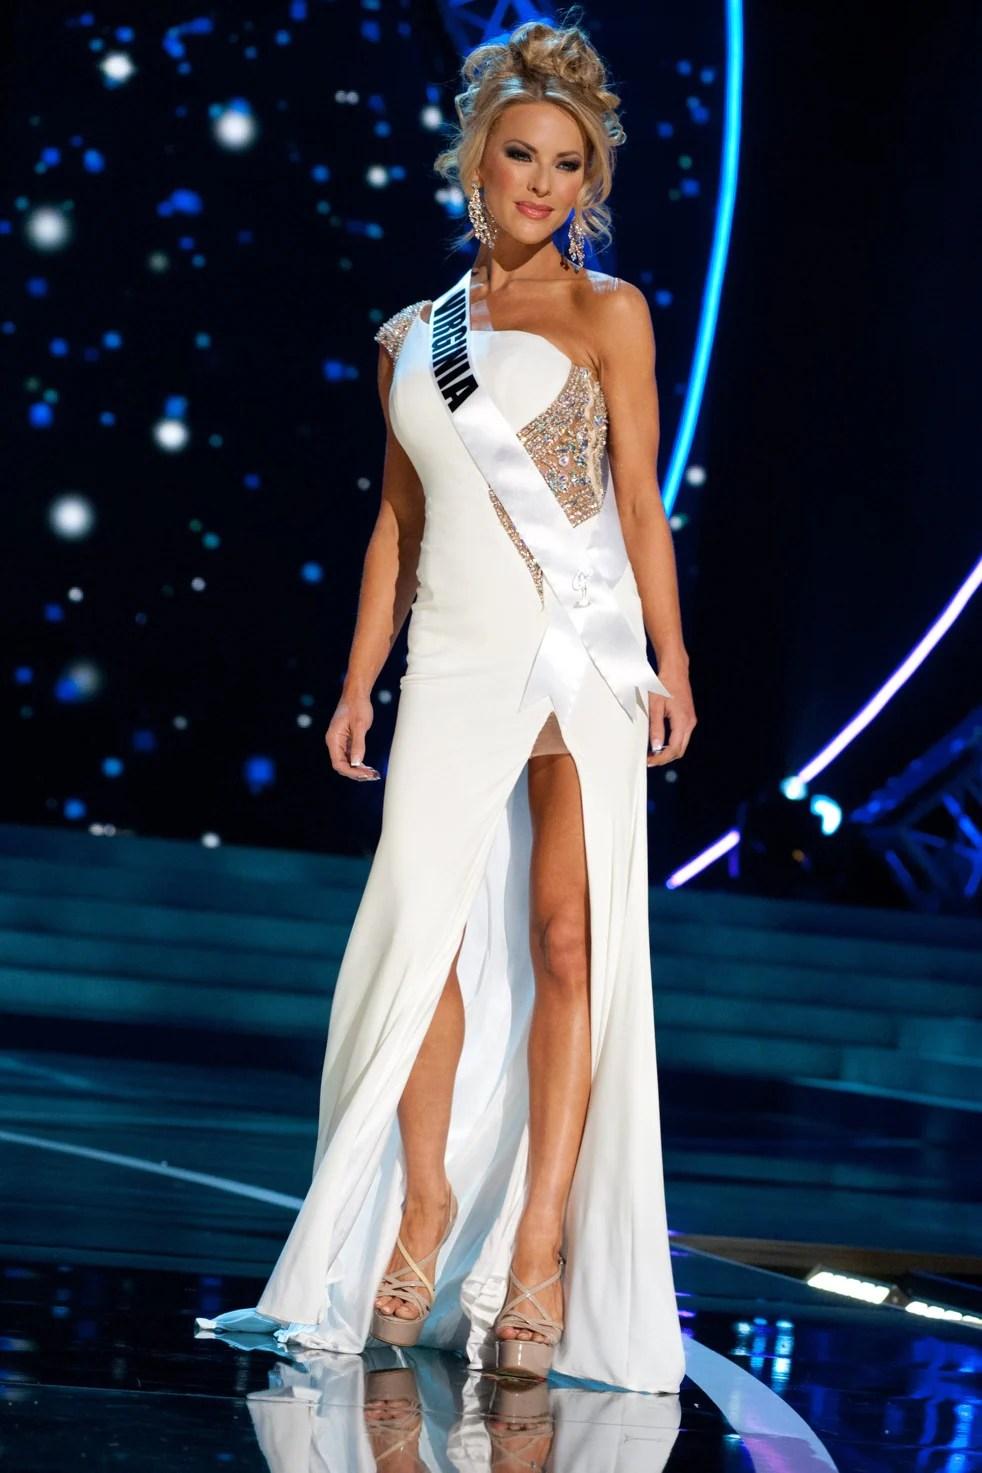 Shannon Bream Miss Virginia